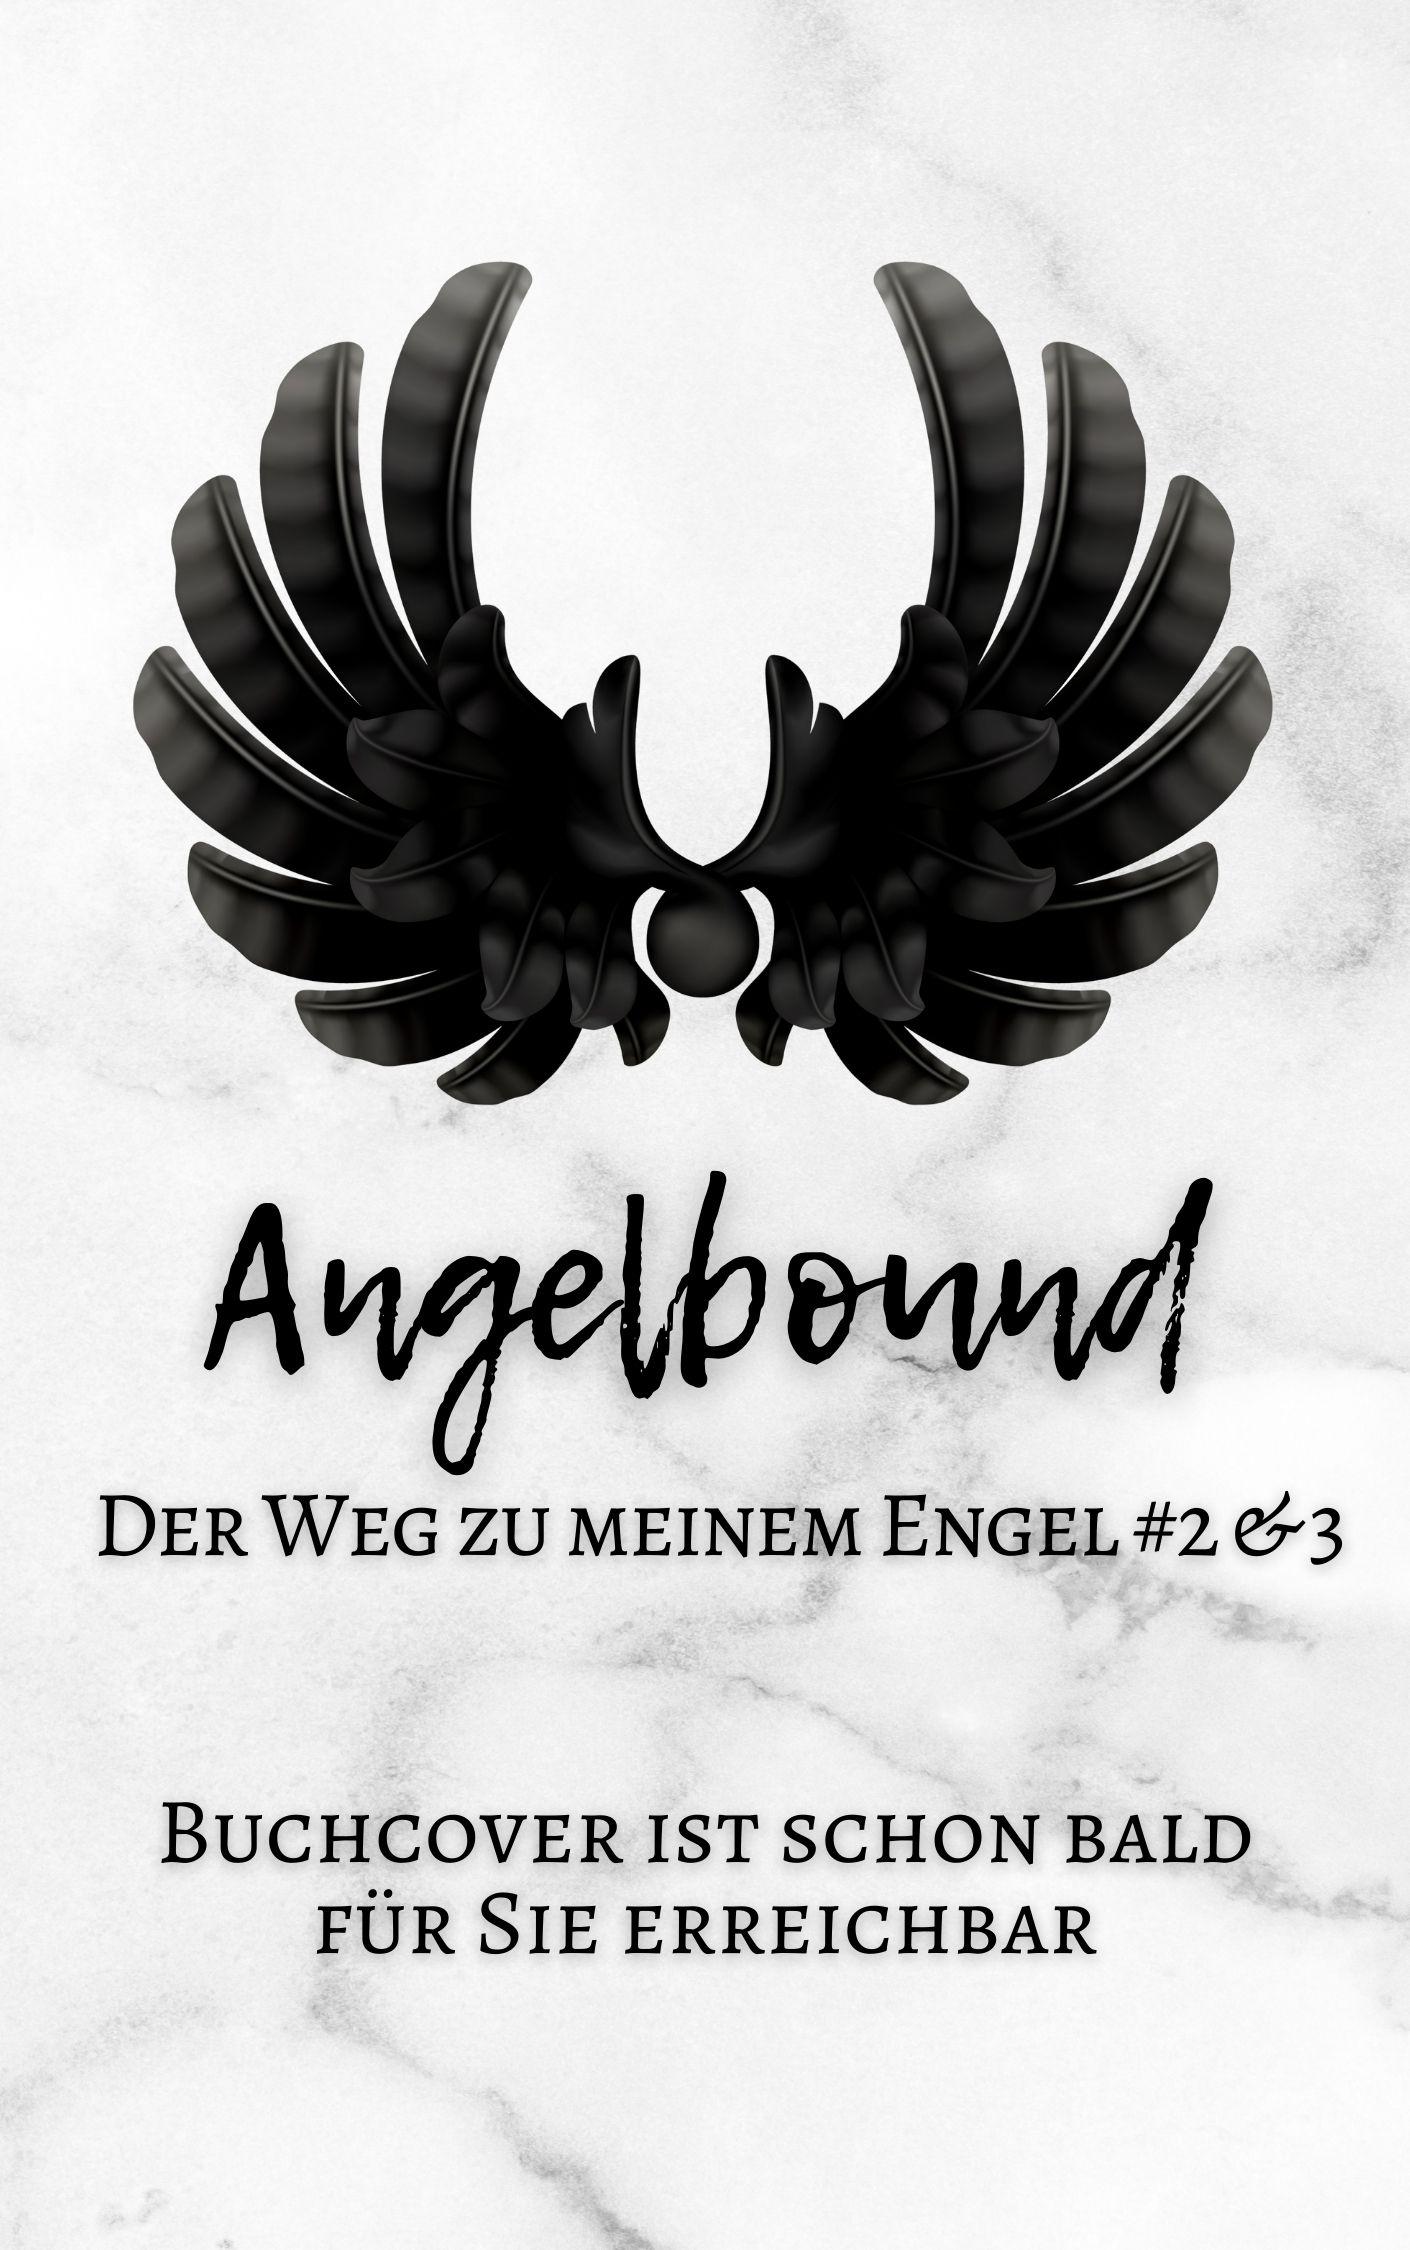 2-3 Angelbound